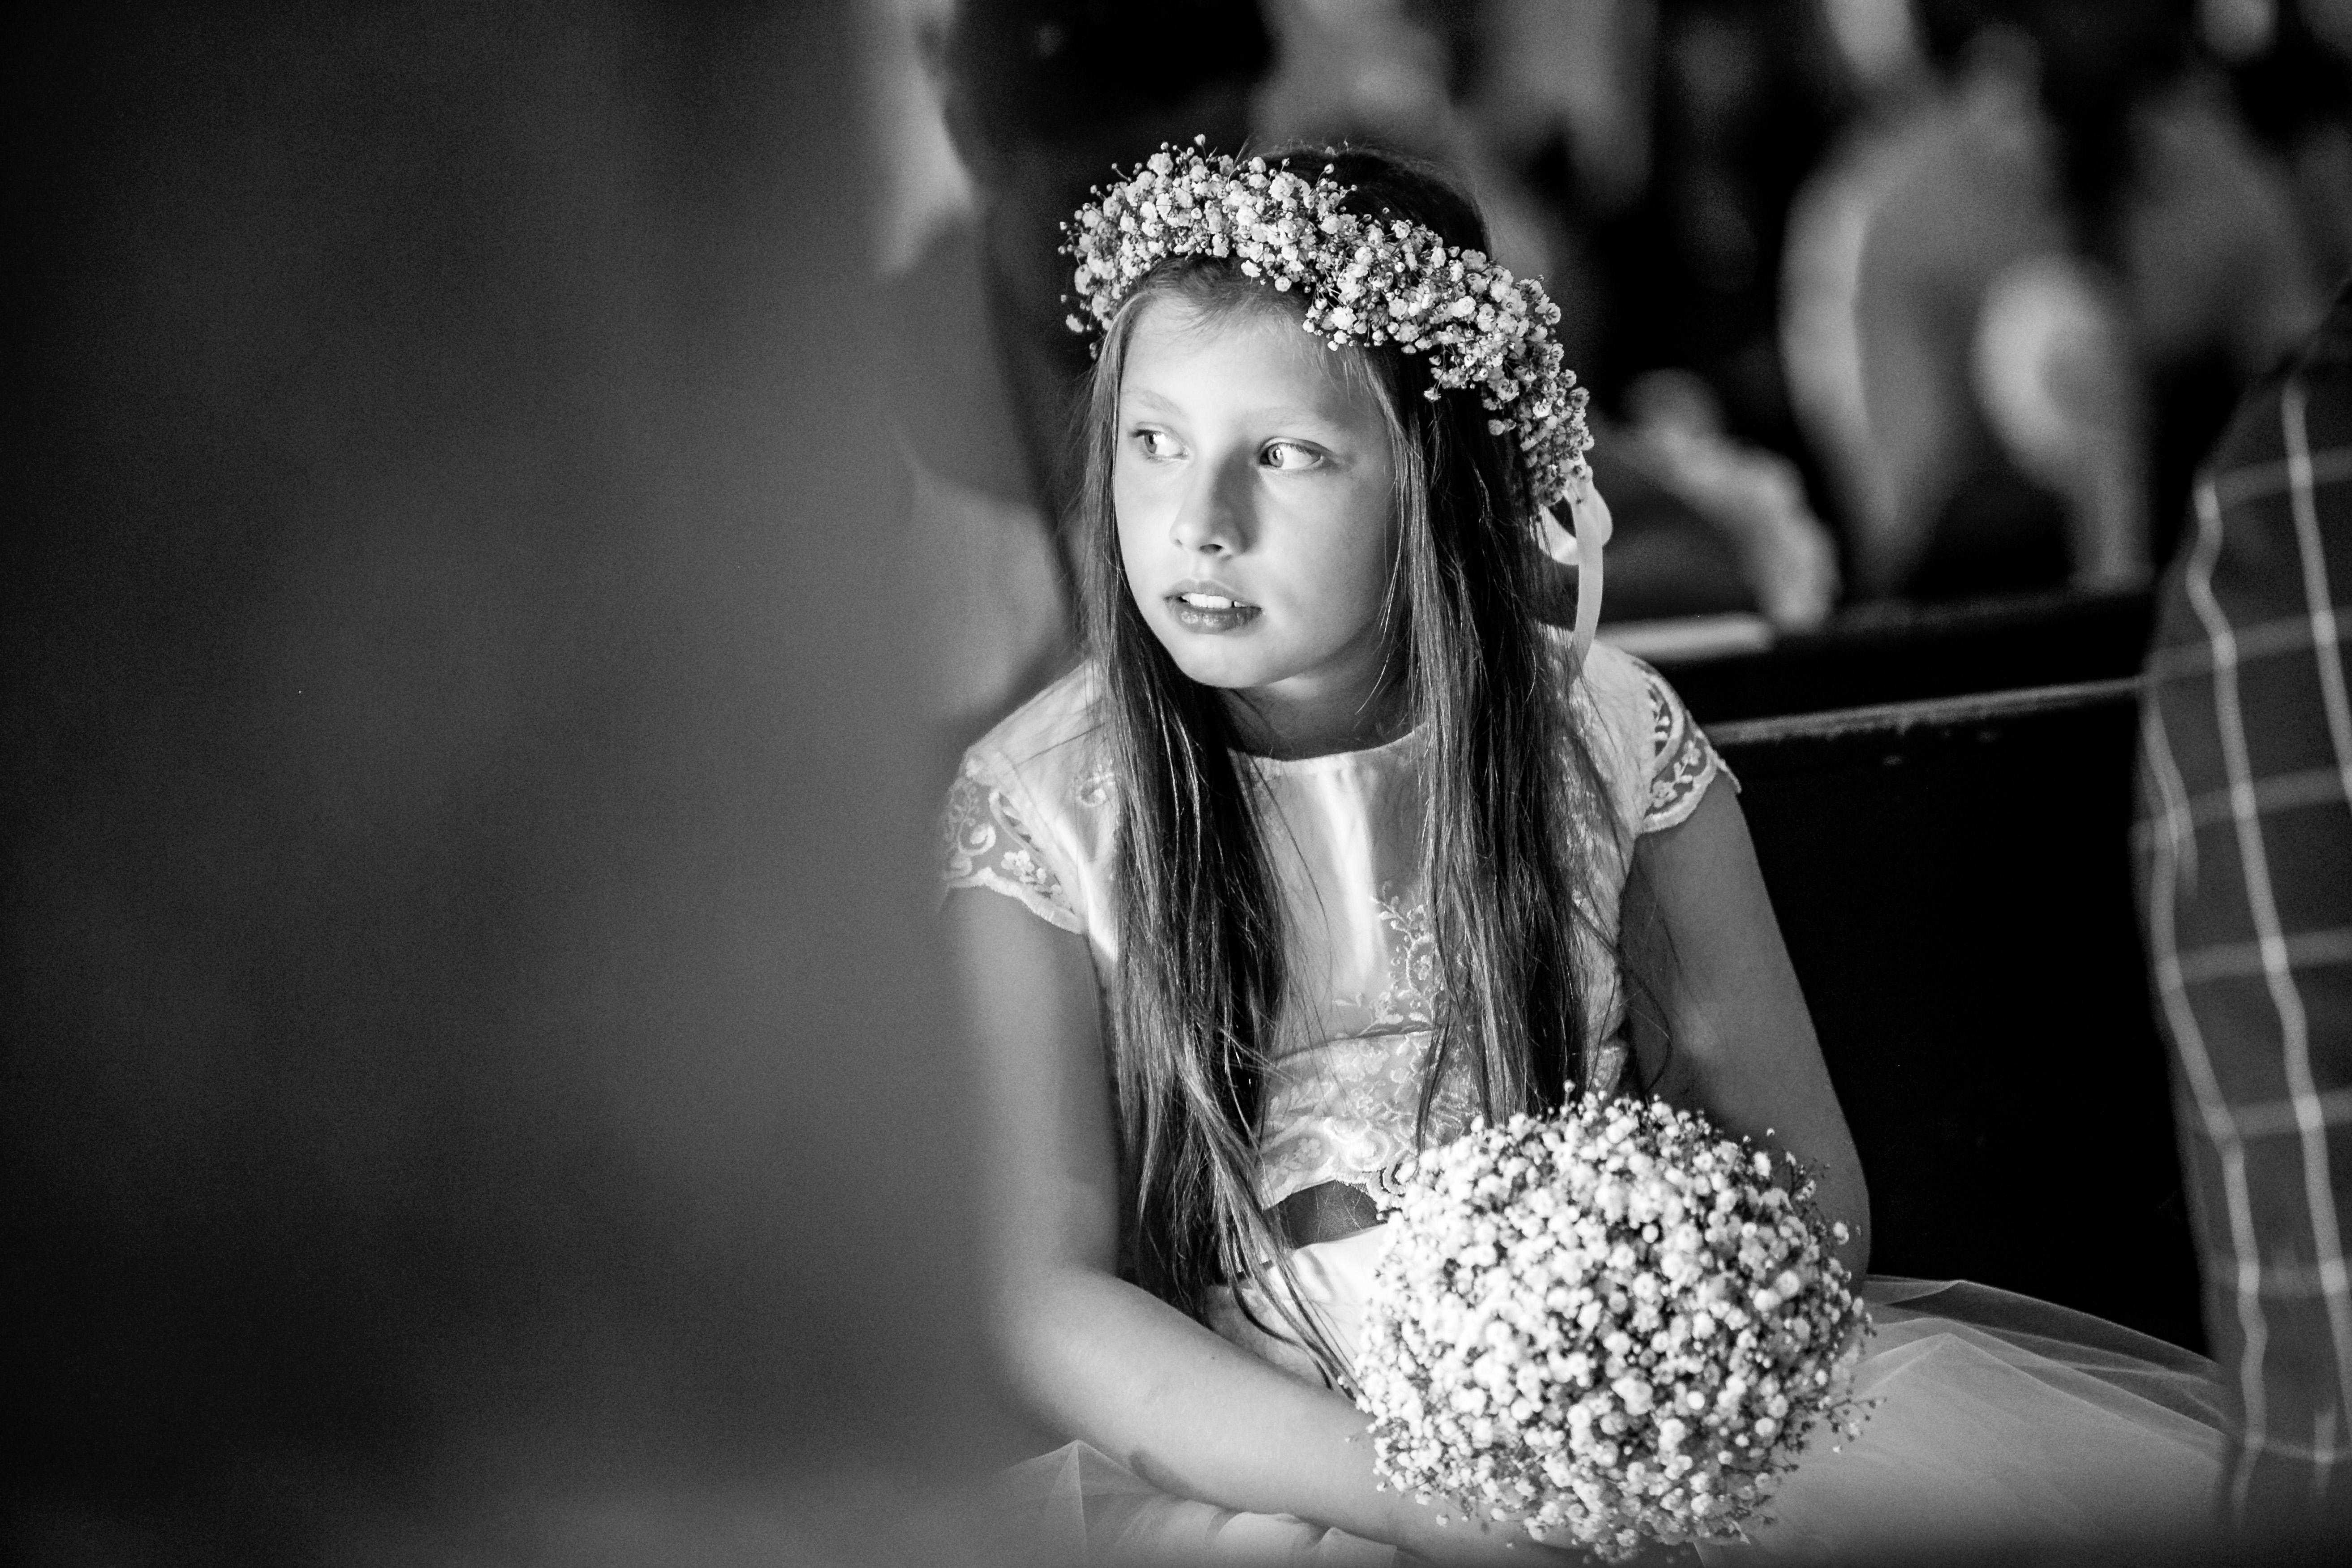 0019_gilberti_ricca_villa_mosconi_bertani_fotografi_matrimonio